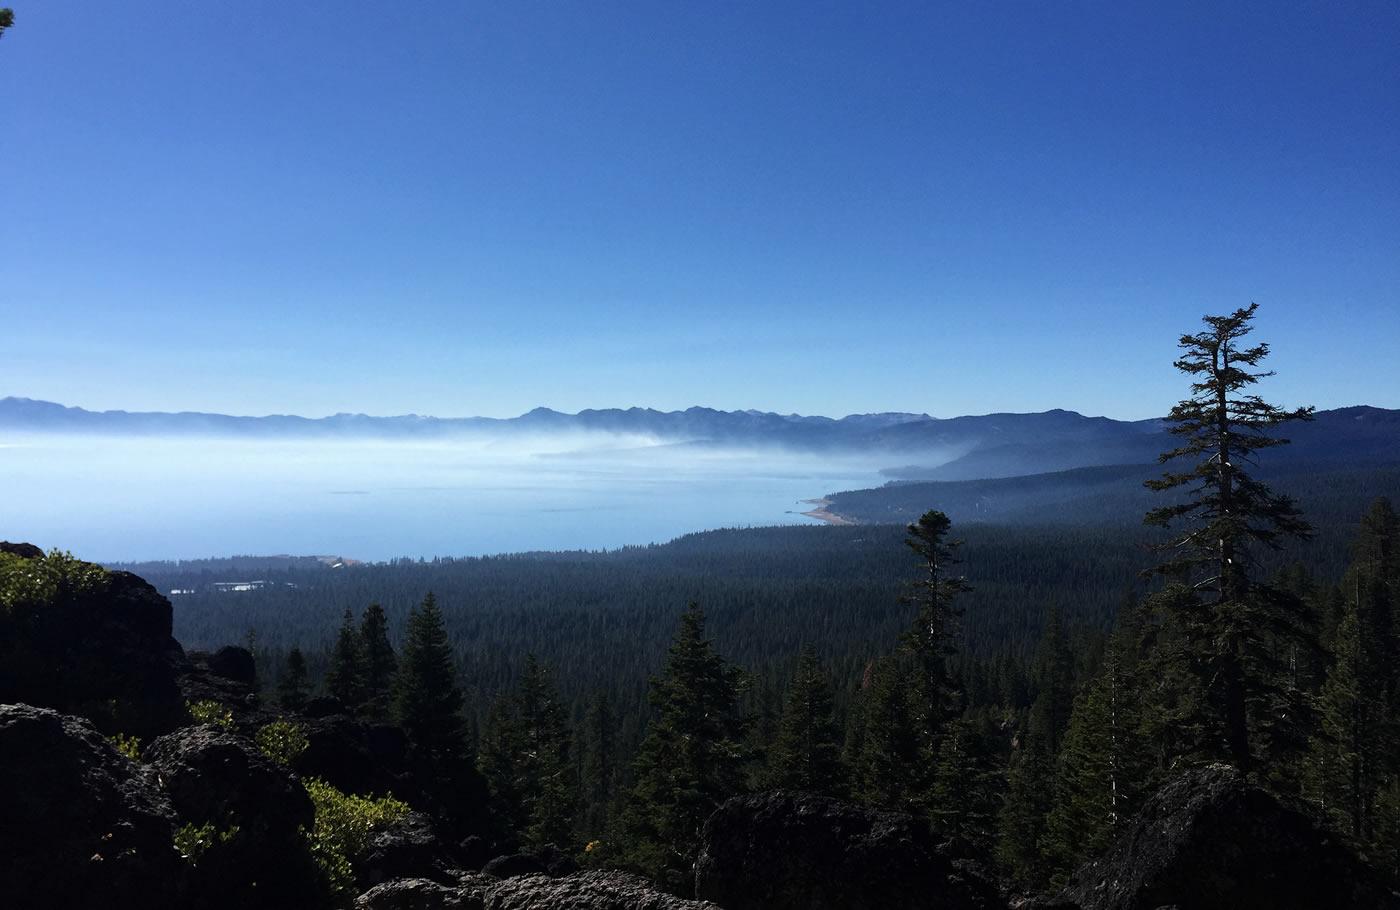 Tahoe Rim Trail, Stateline at Lake Tahoe